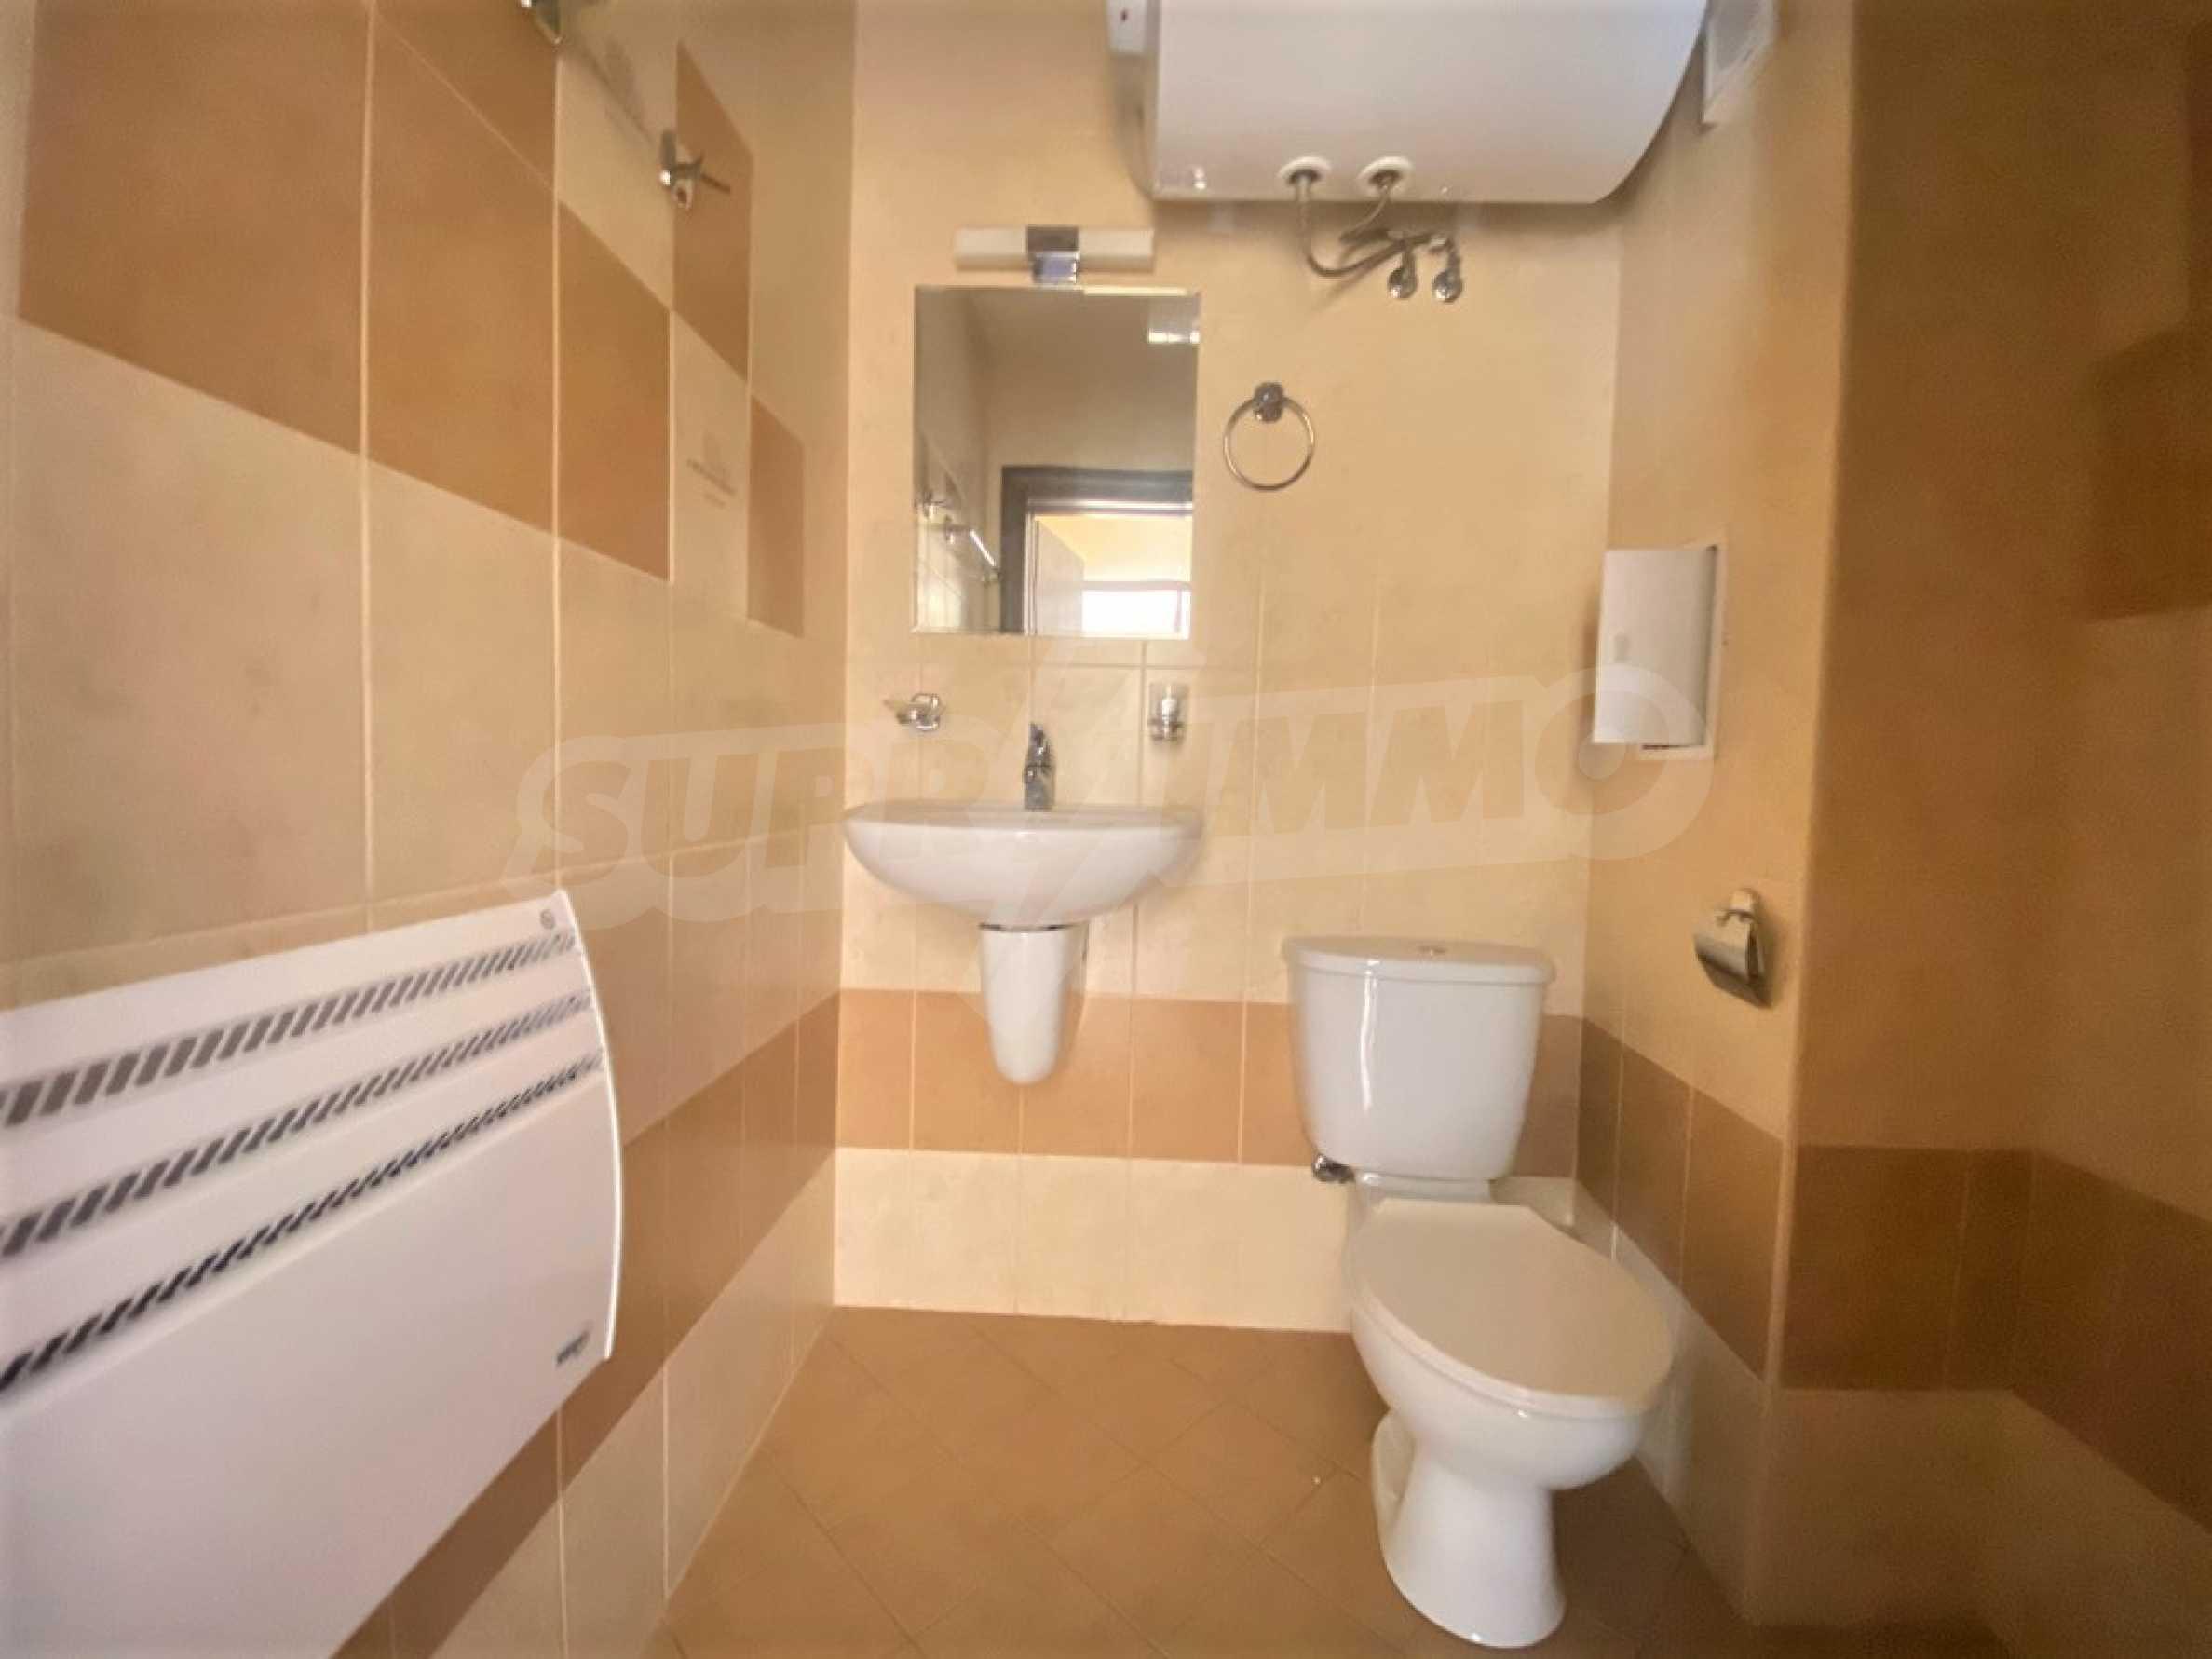 Необзаведен двустаен апартамент за продажба в СПА комплекс в Банско 3